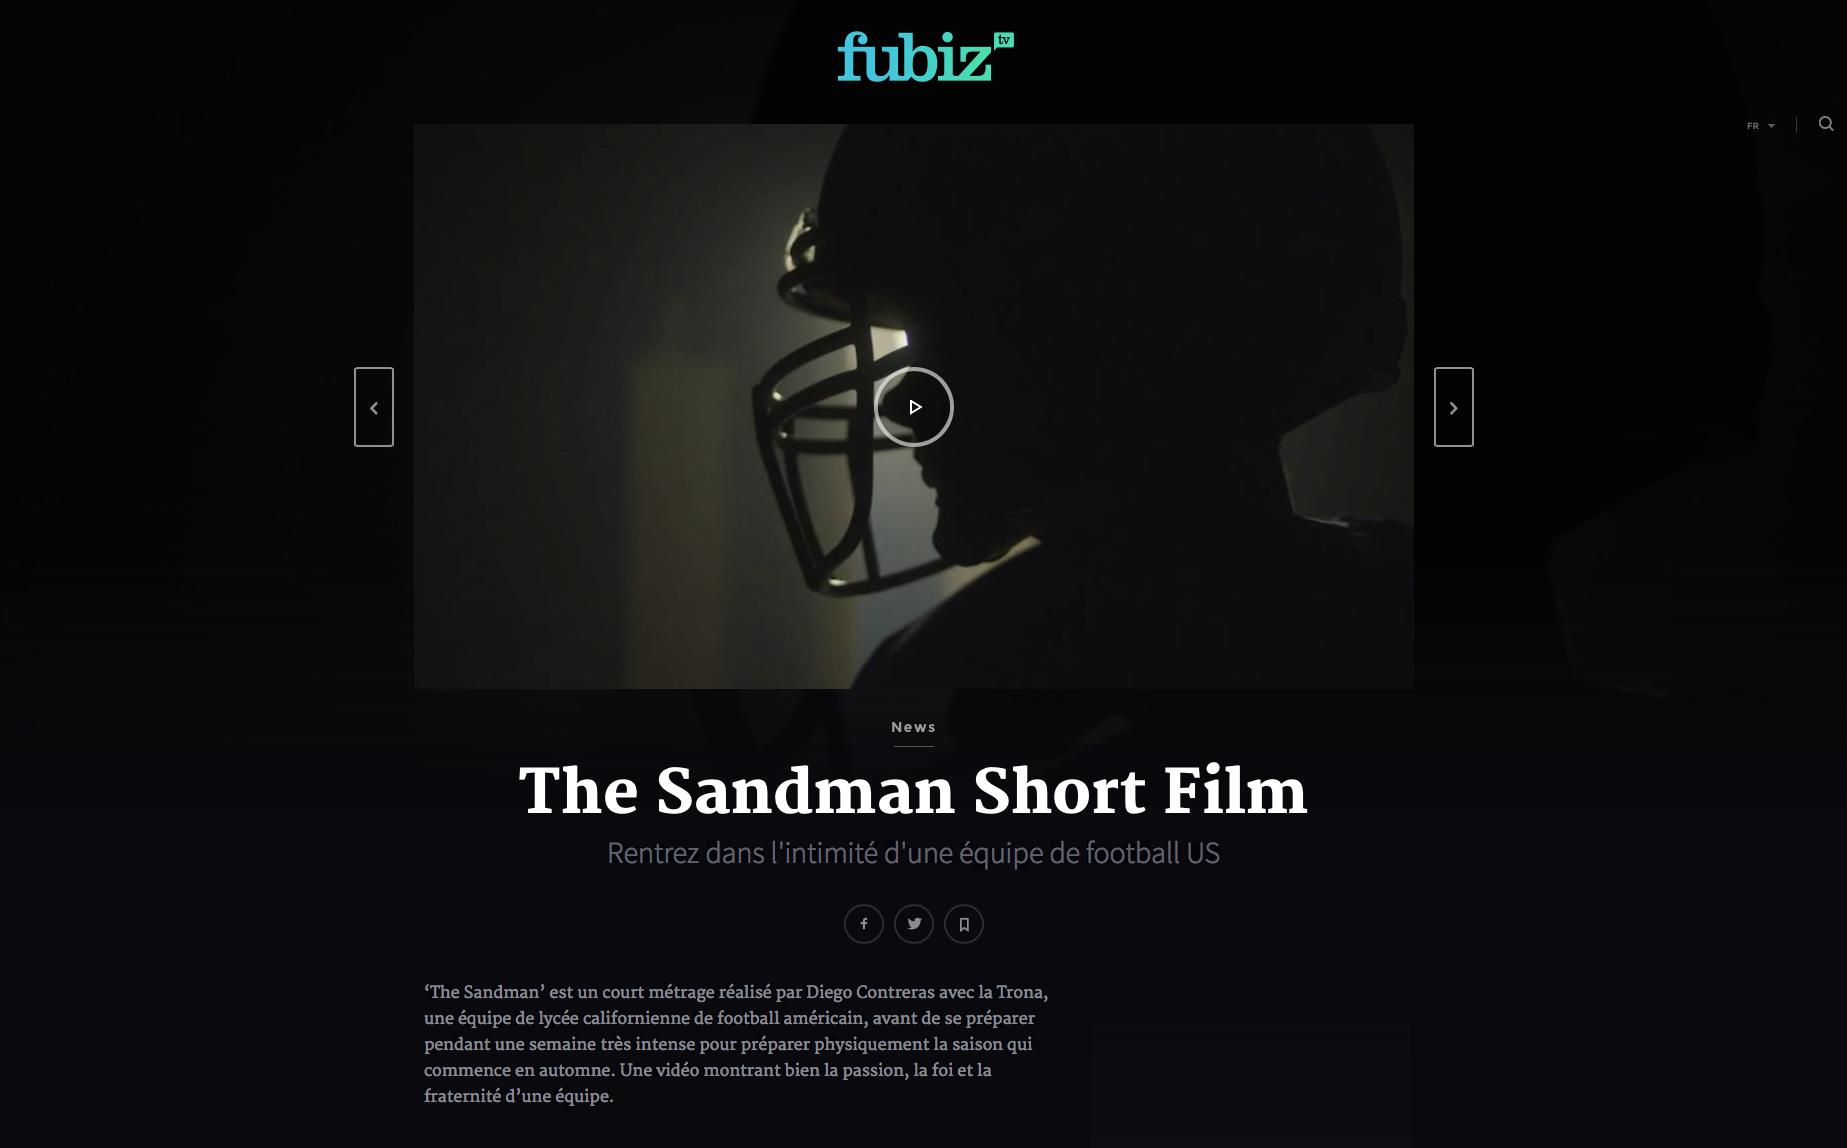 Featured on Fubiz.net (August 2015)